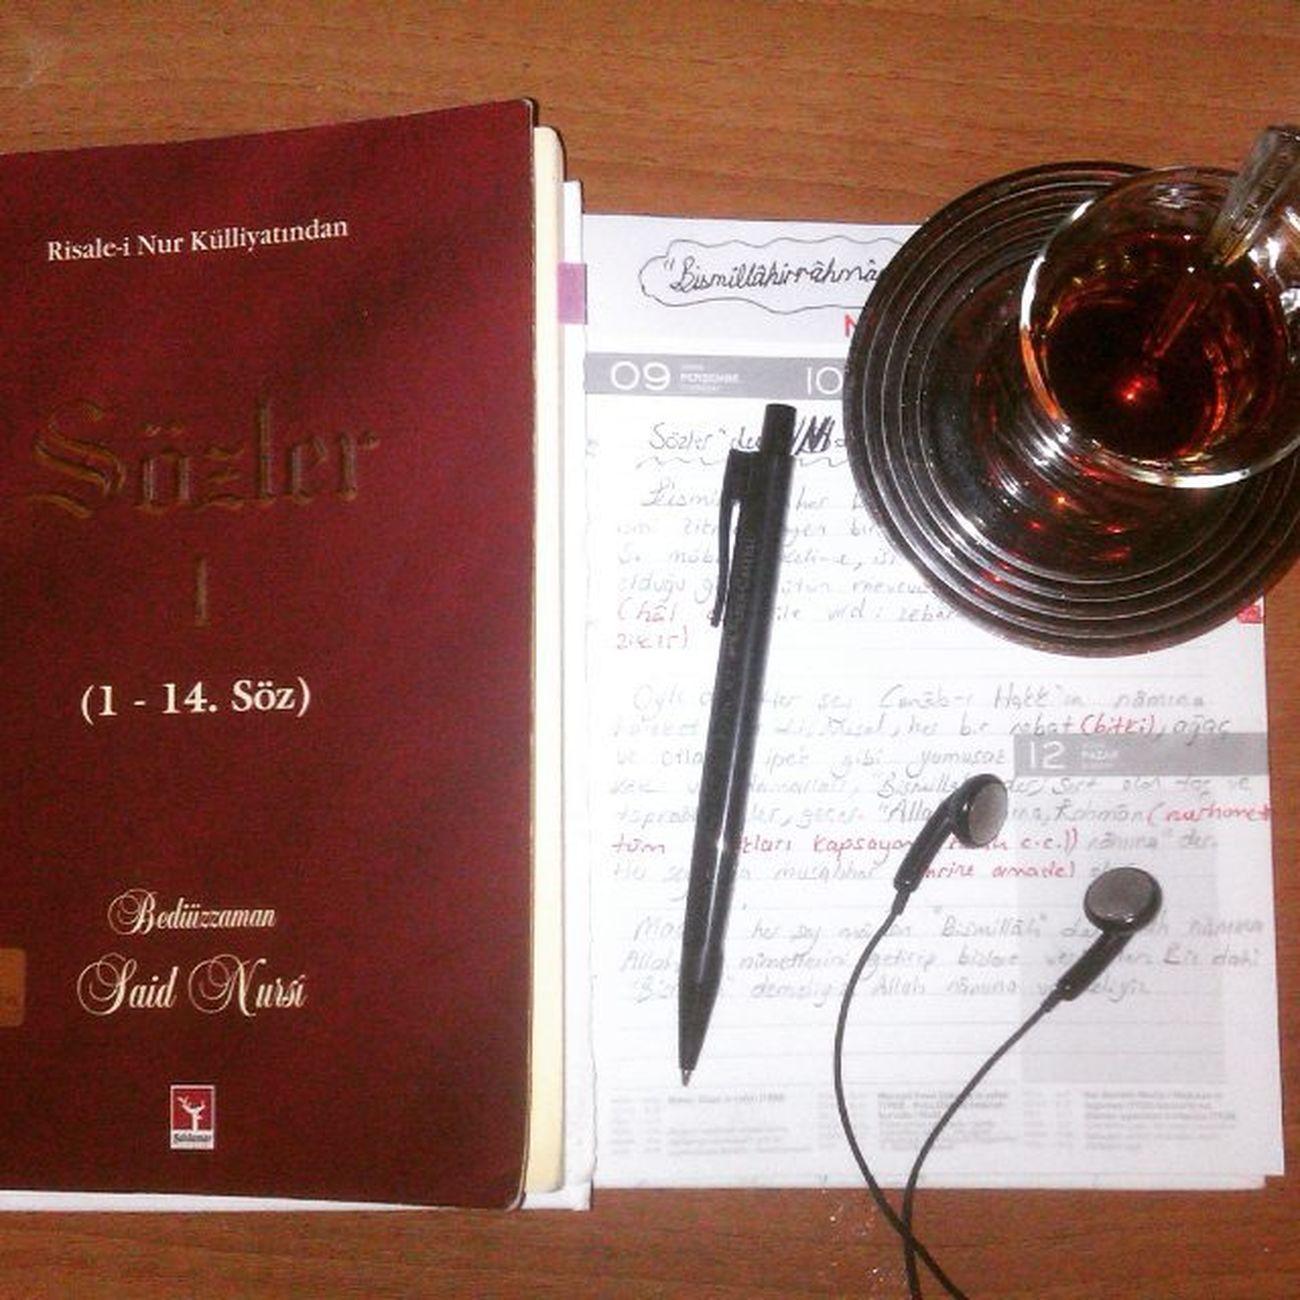 Sözlerden not çıkarmak.. Nasheed dinlemek... Ve Çay İçmek işte bütün mesele bu... :) çay Tea Nasheed Sozler SaidNursi